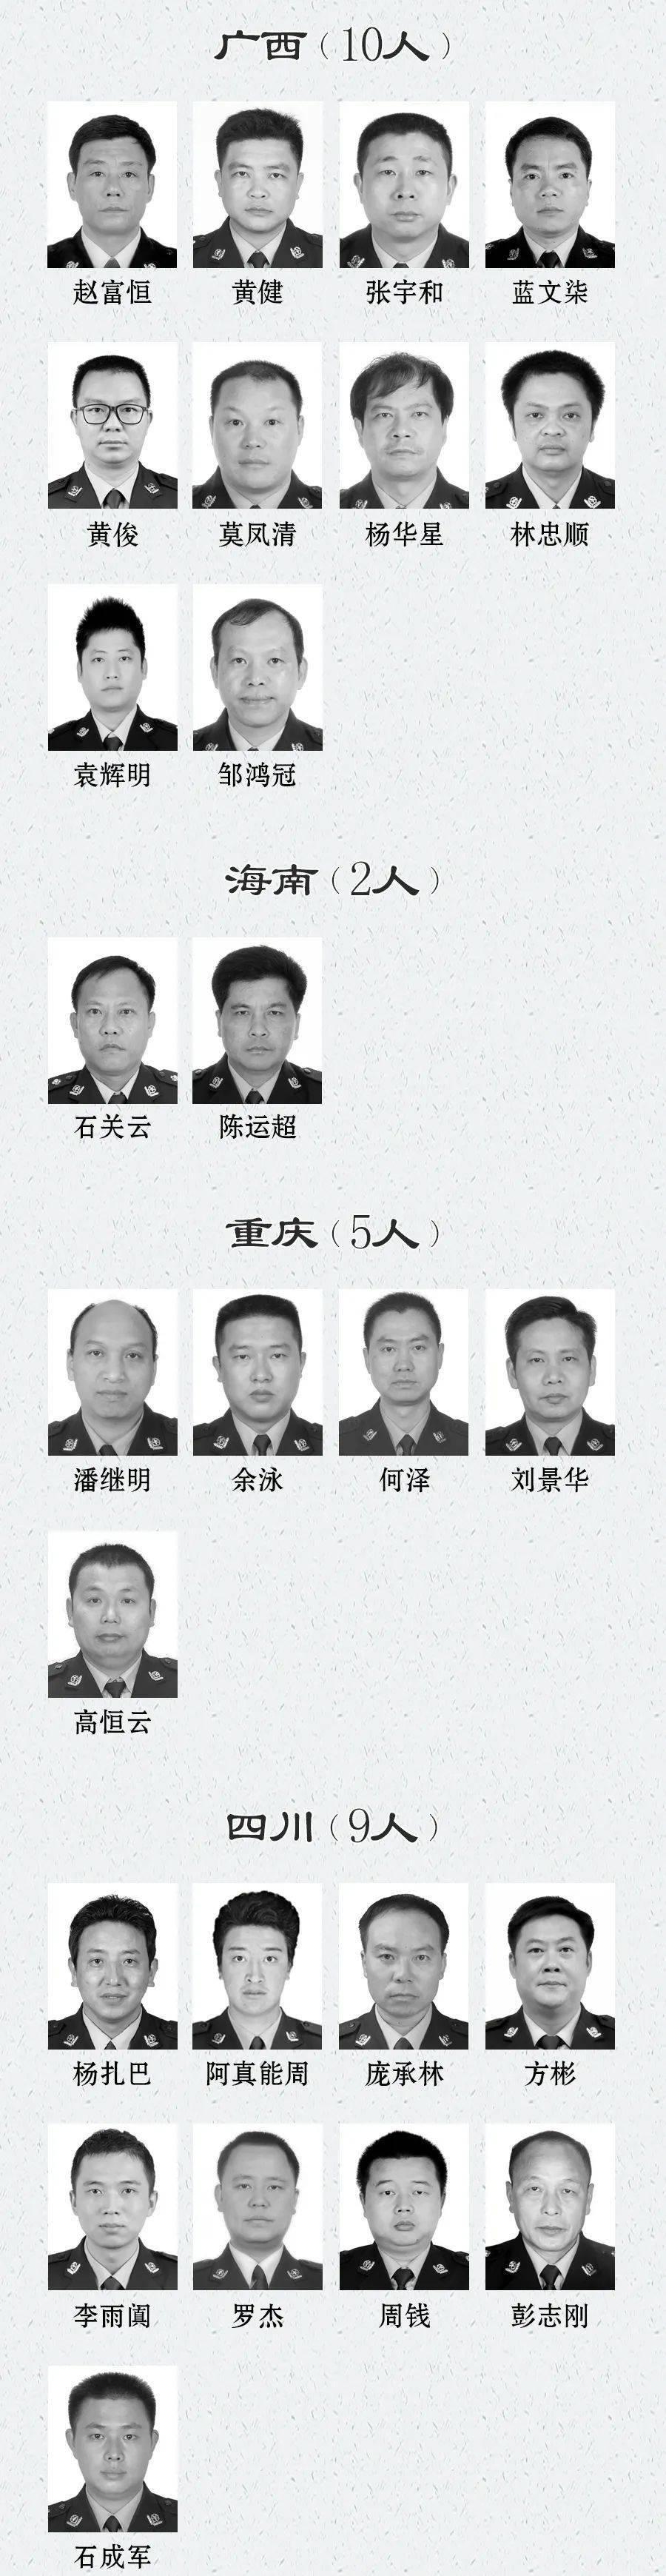 天顺娱乐app-首页【1.1.9】  第7张